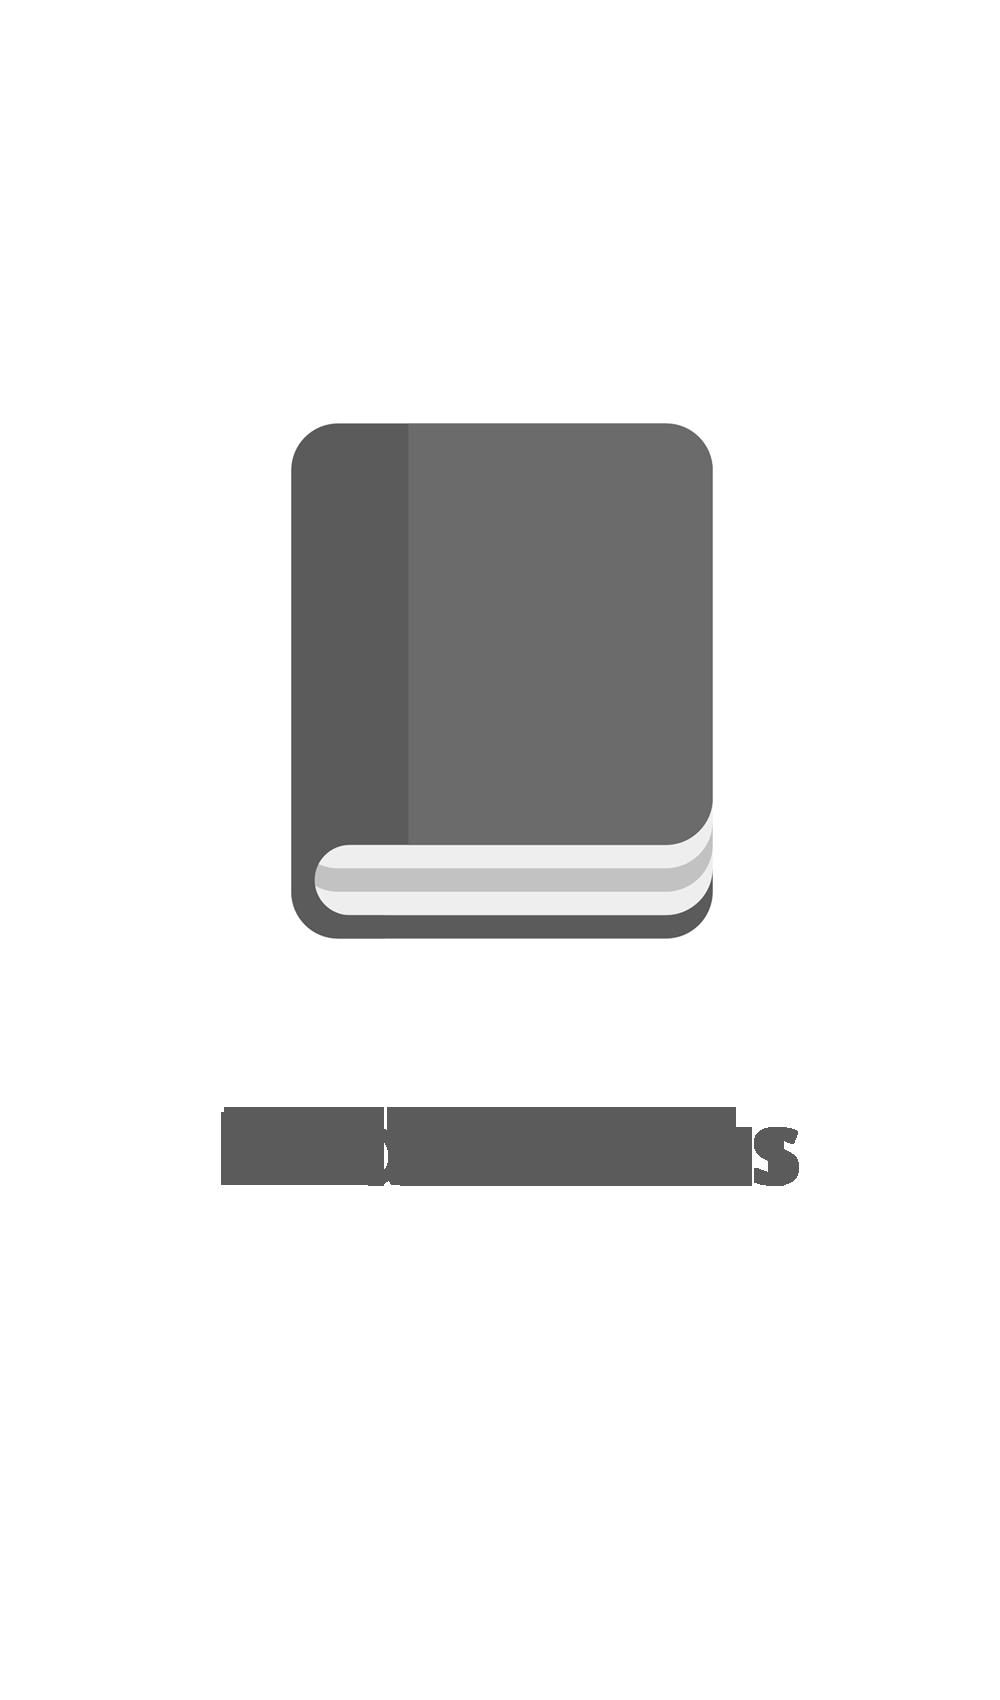 Trä och metall - Materiallära Kassettbok